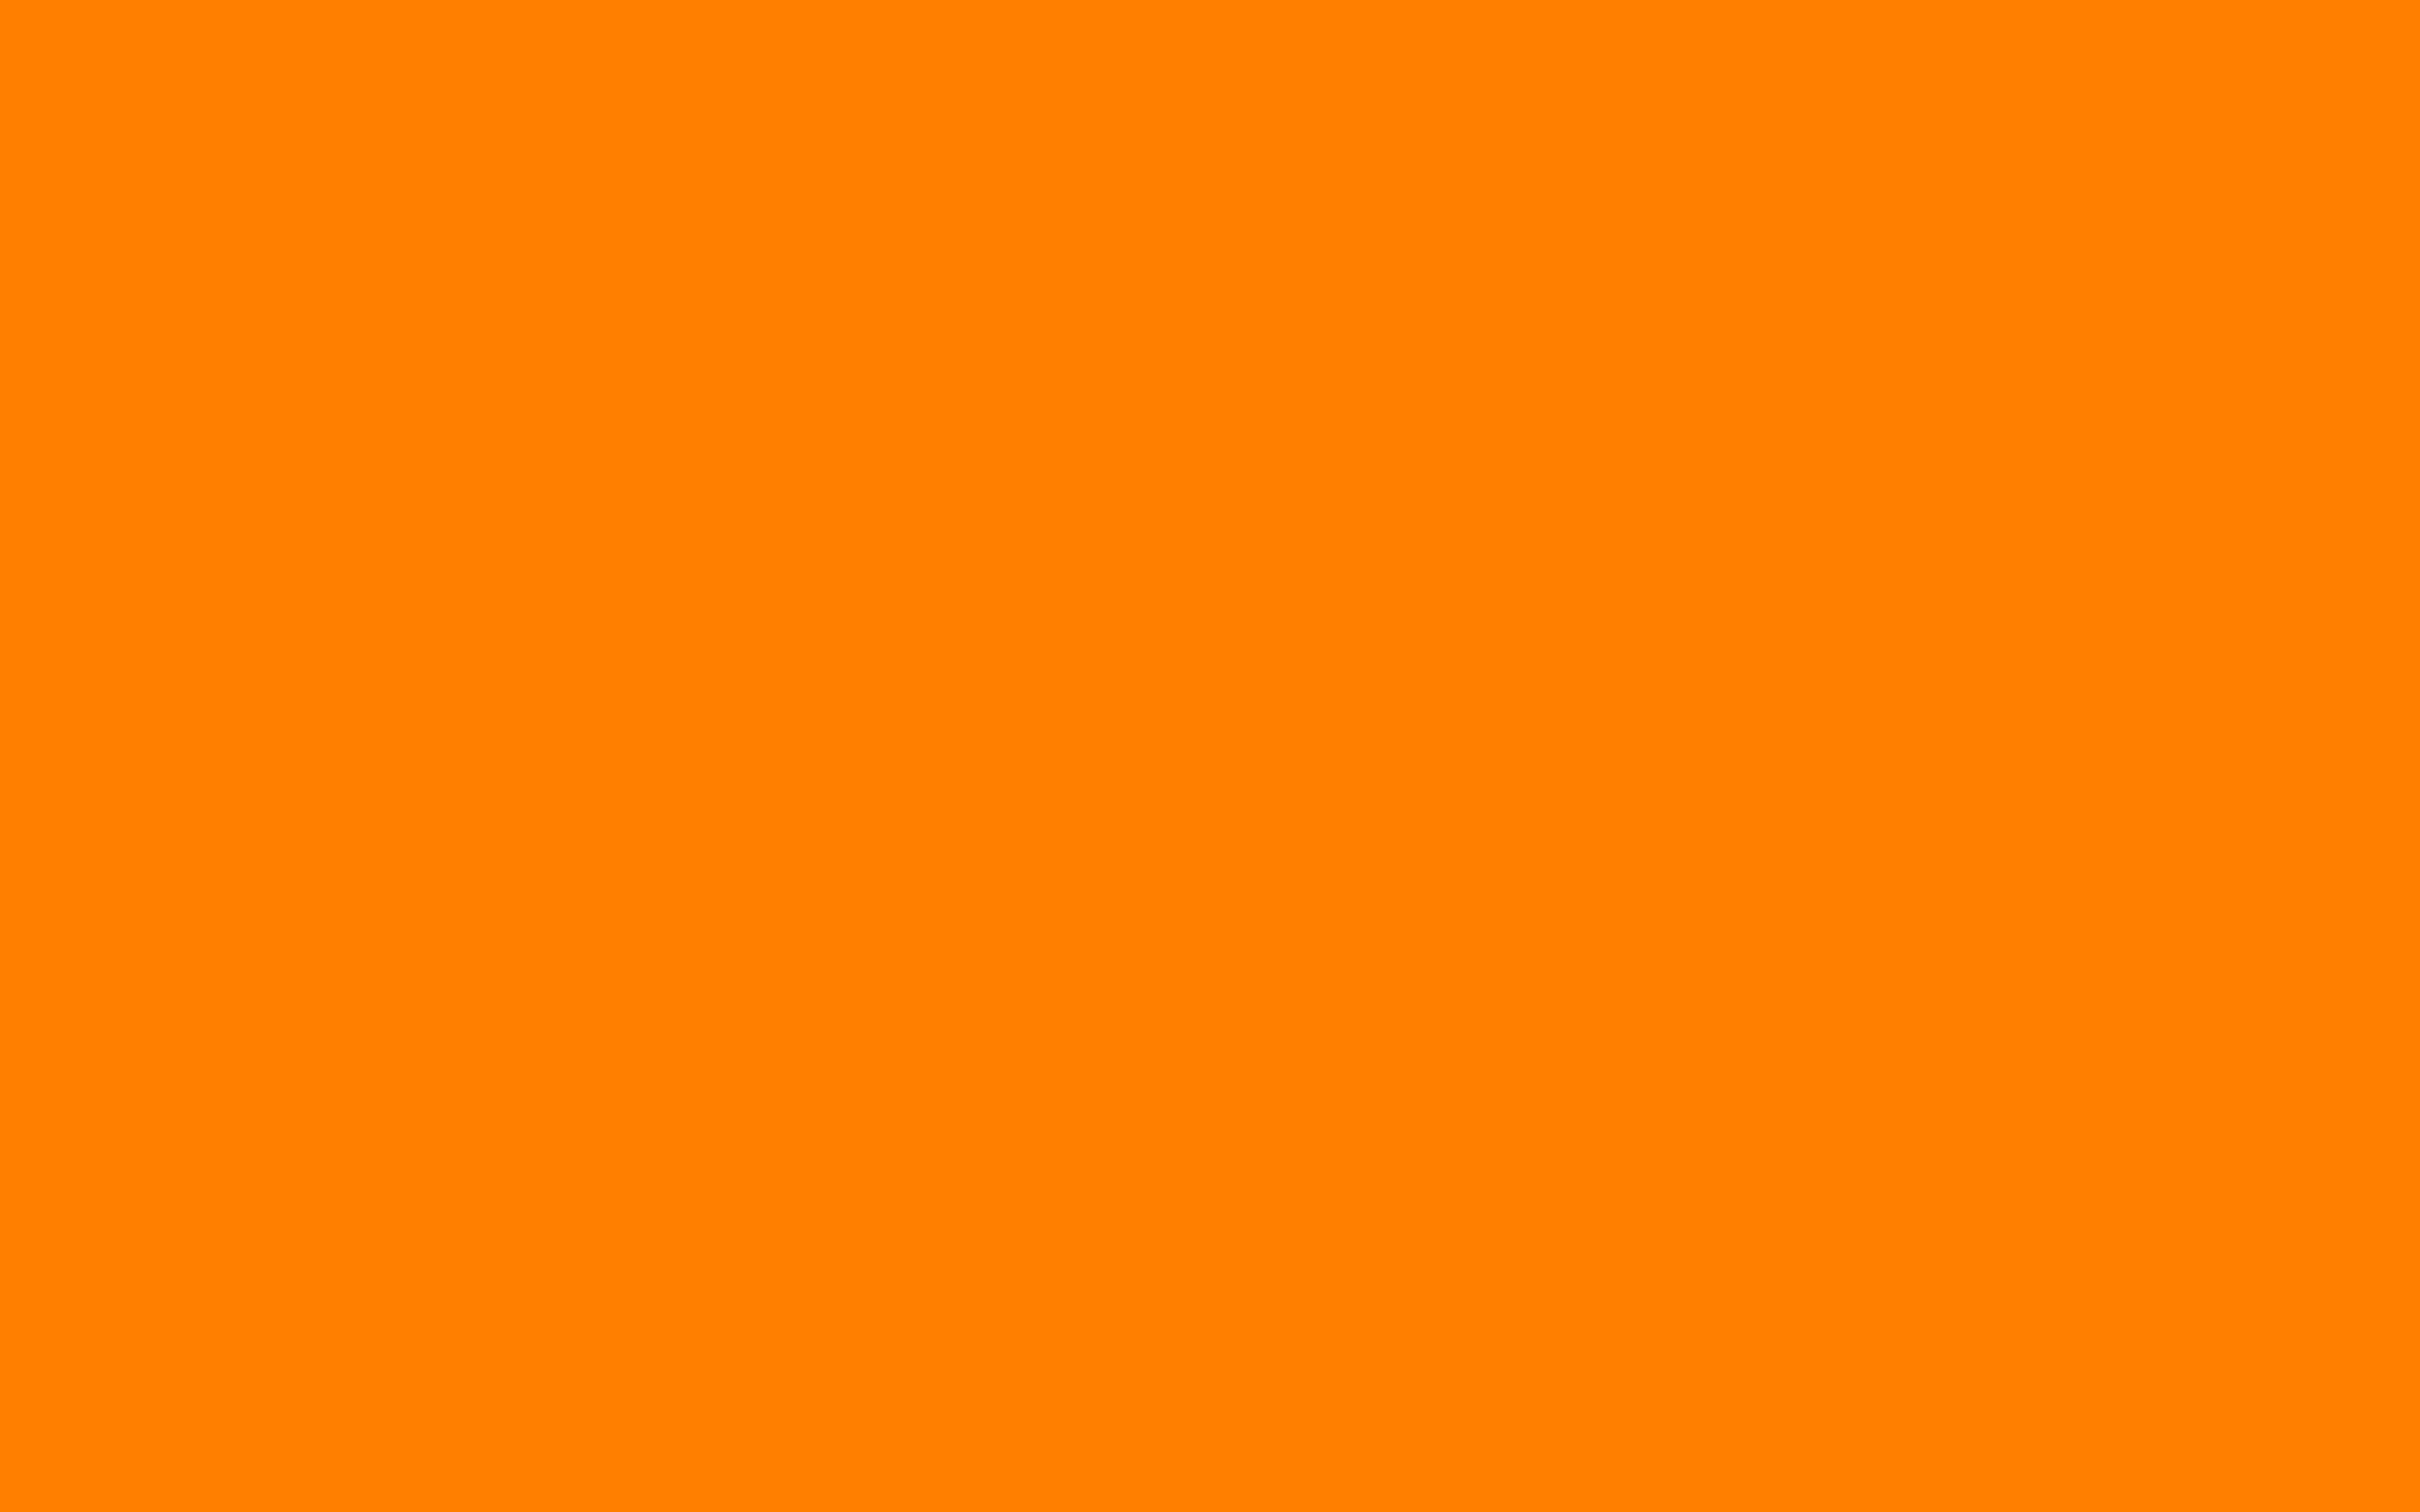 2560x1600 Amber Orange Solid Color Background